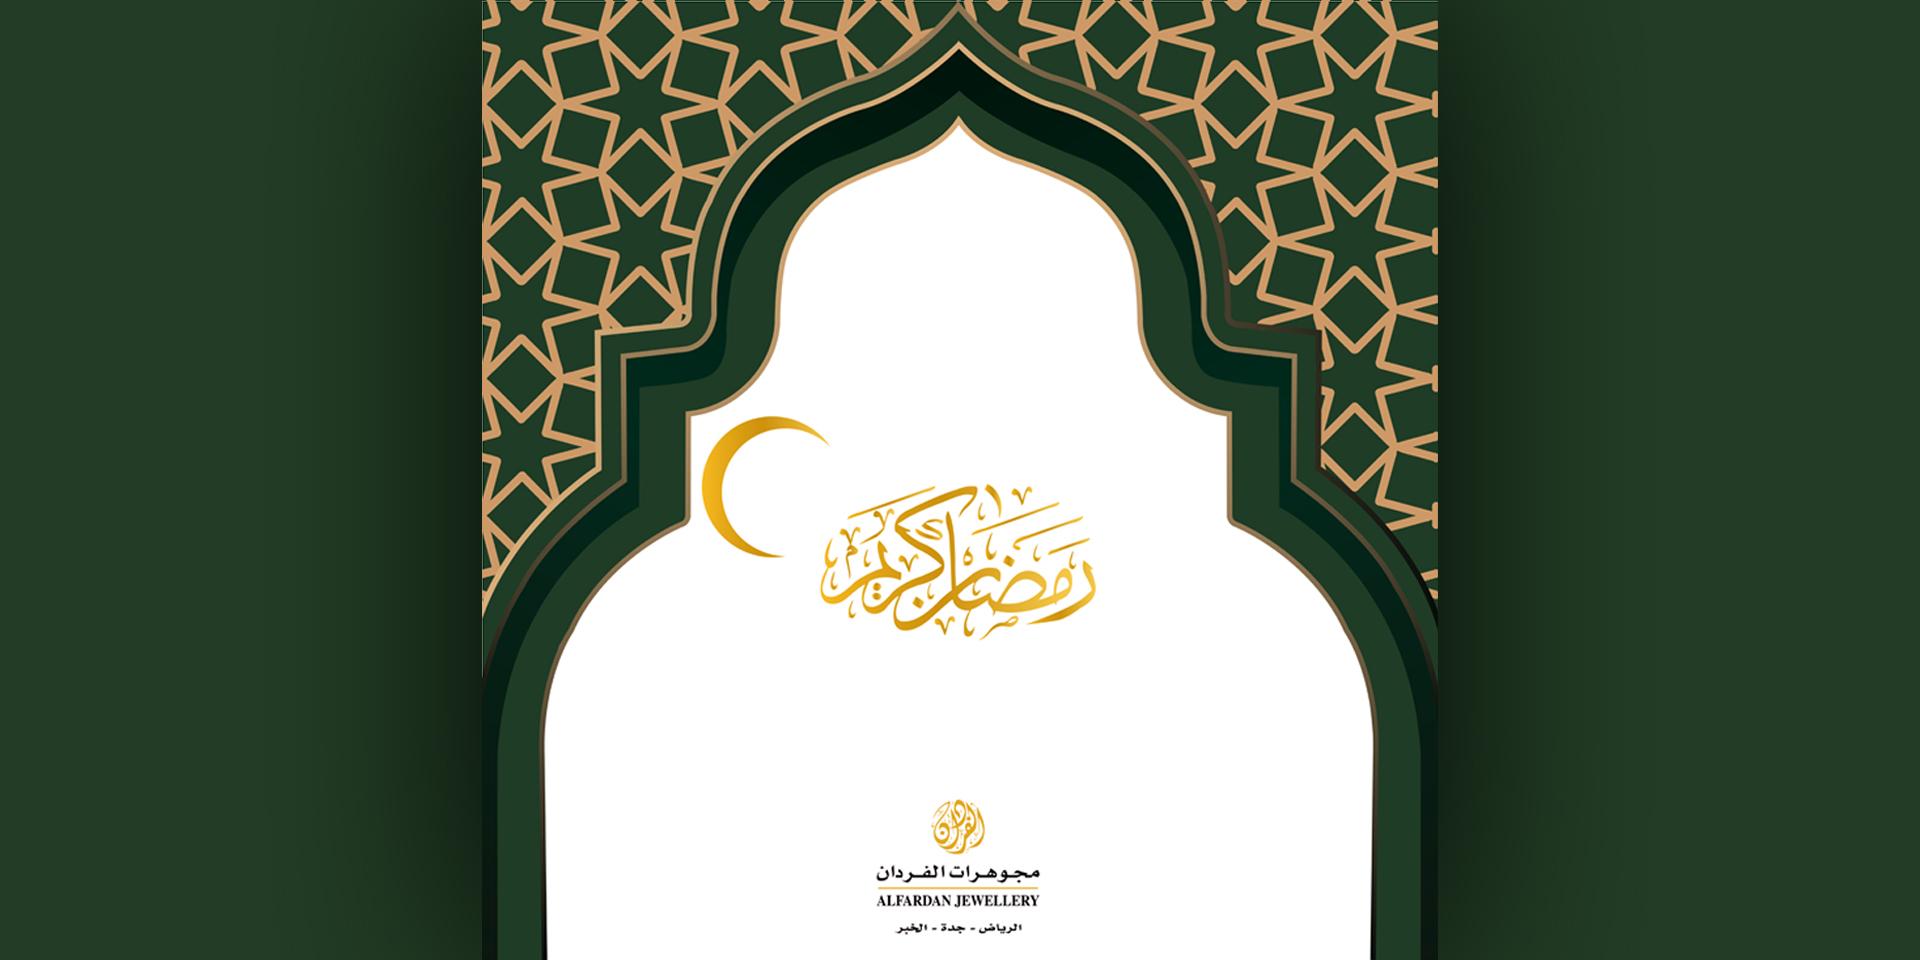 1618525884_0_Ramadan.jpg